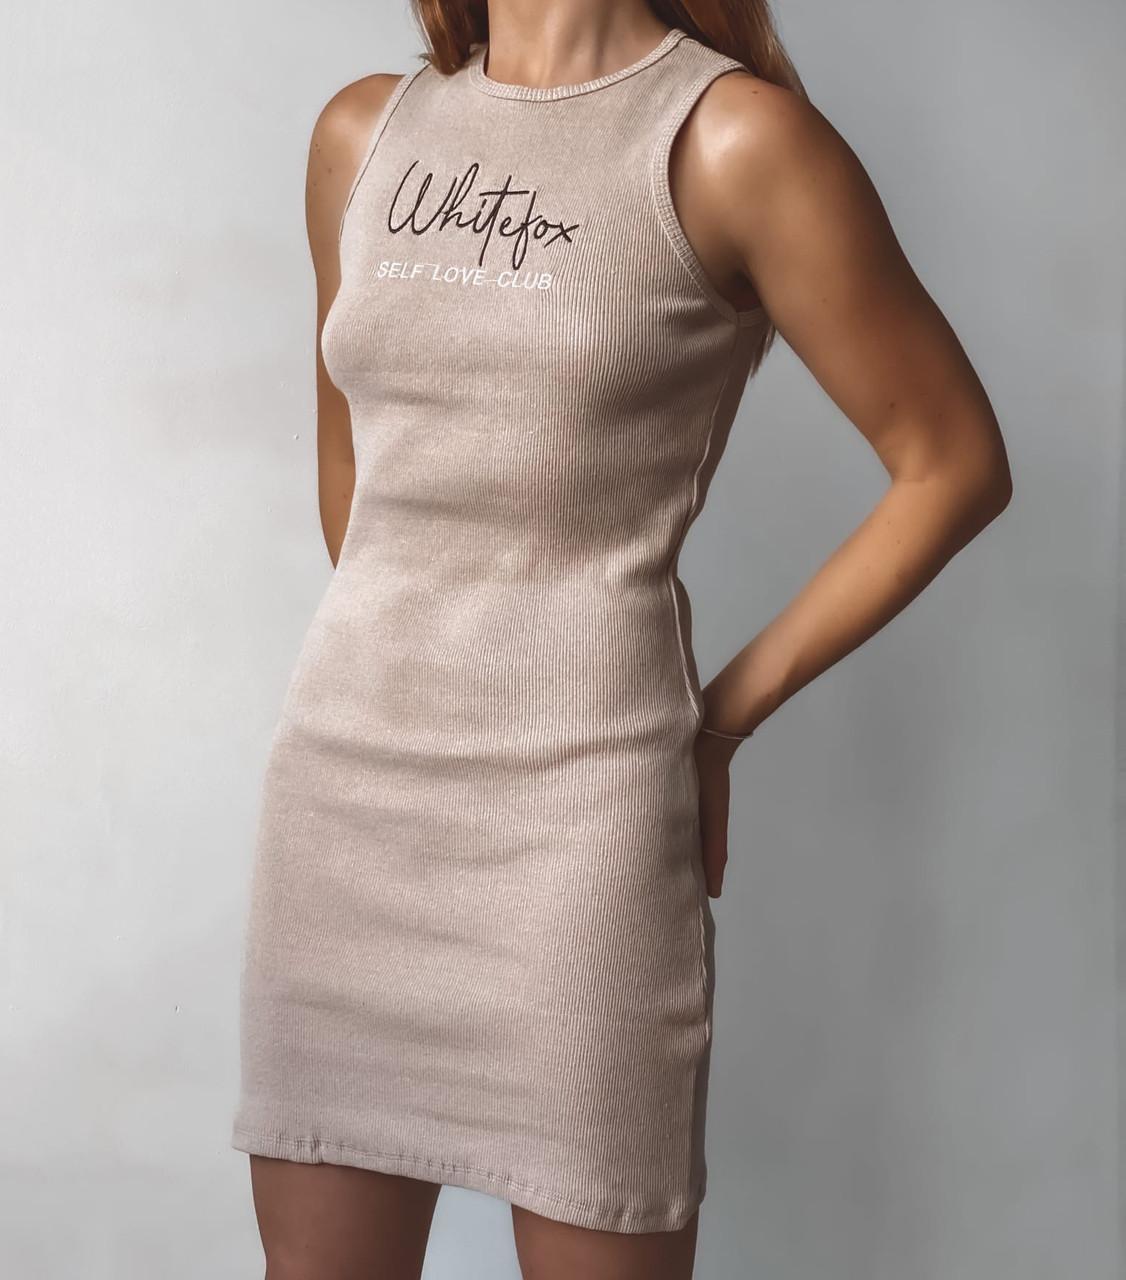 Женское облегающее платье-майка с вышивкой